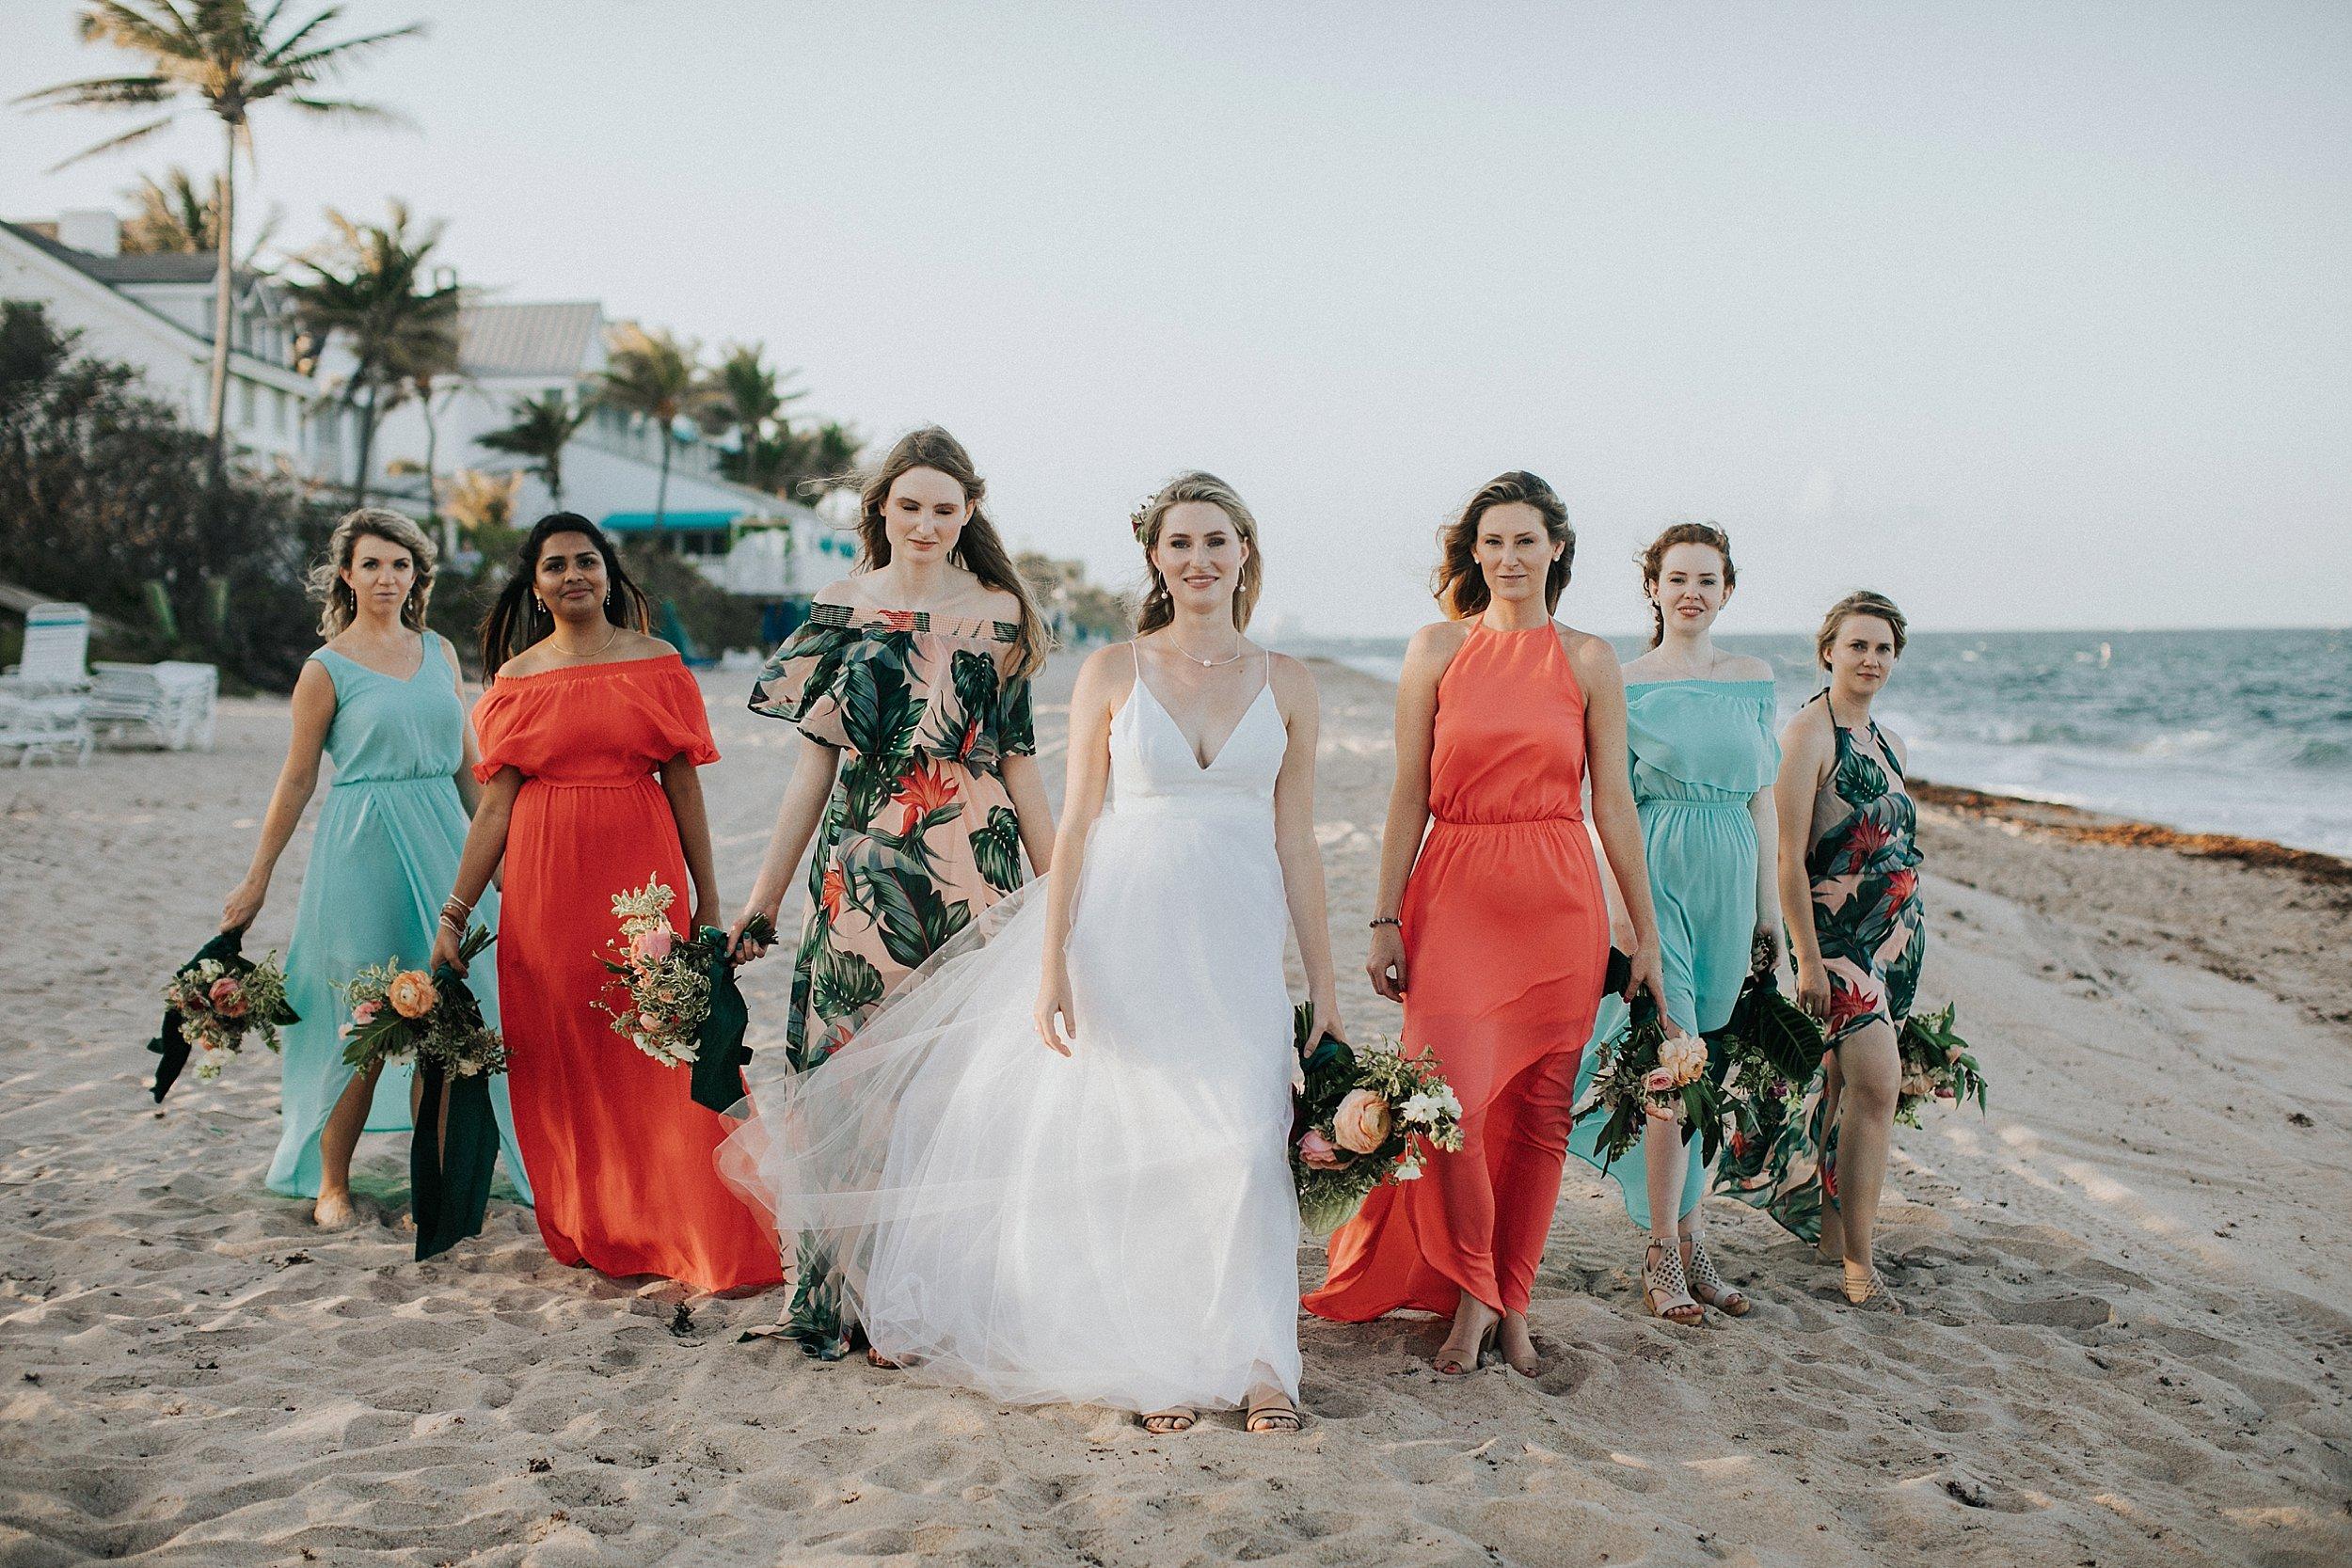 bridesmaids photos on the beach